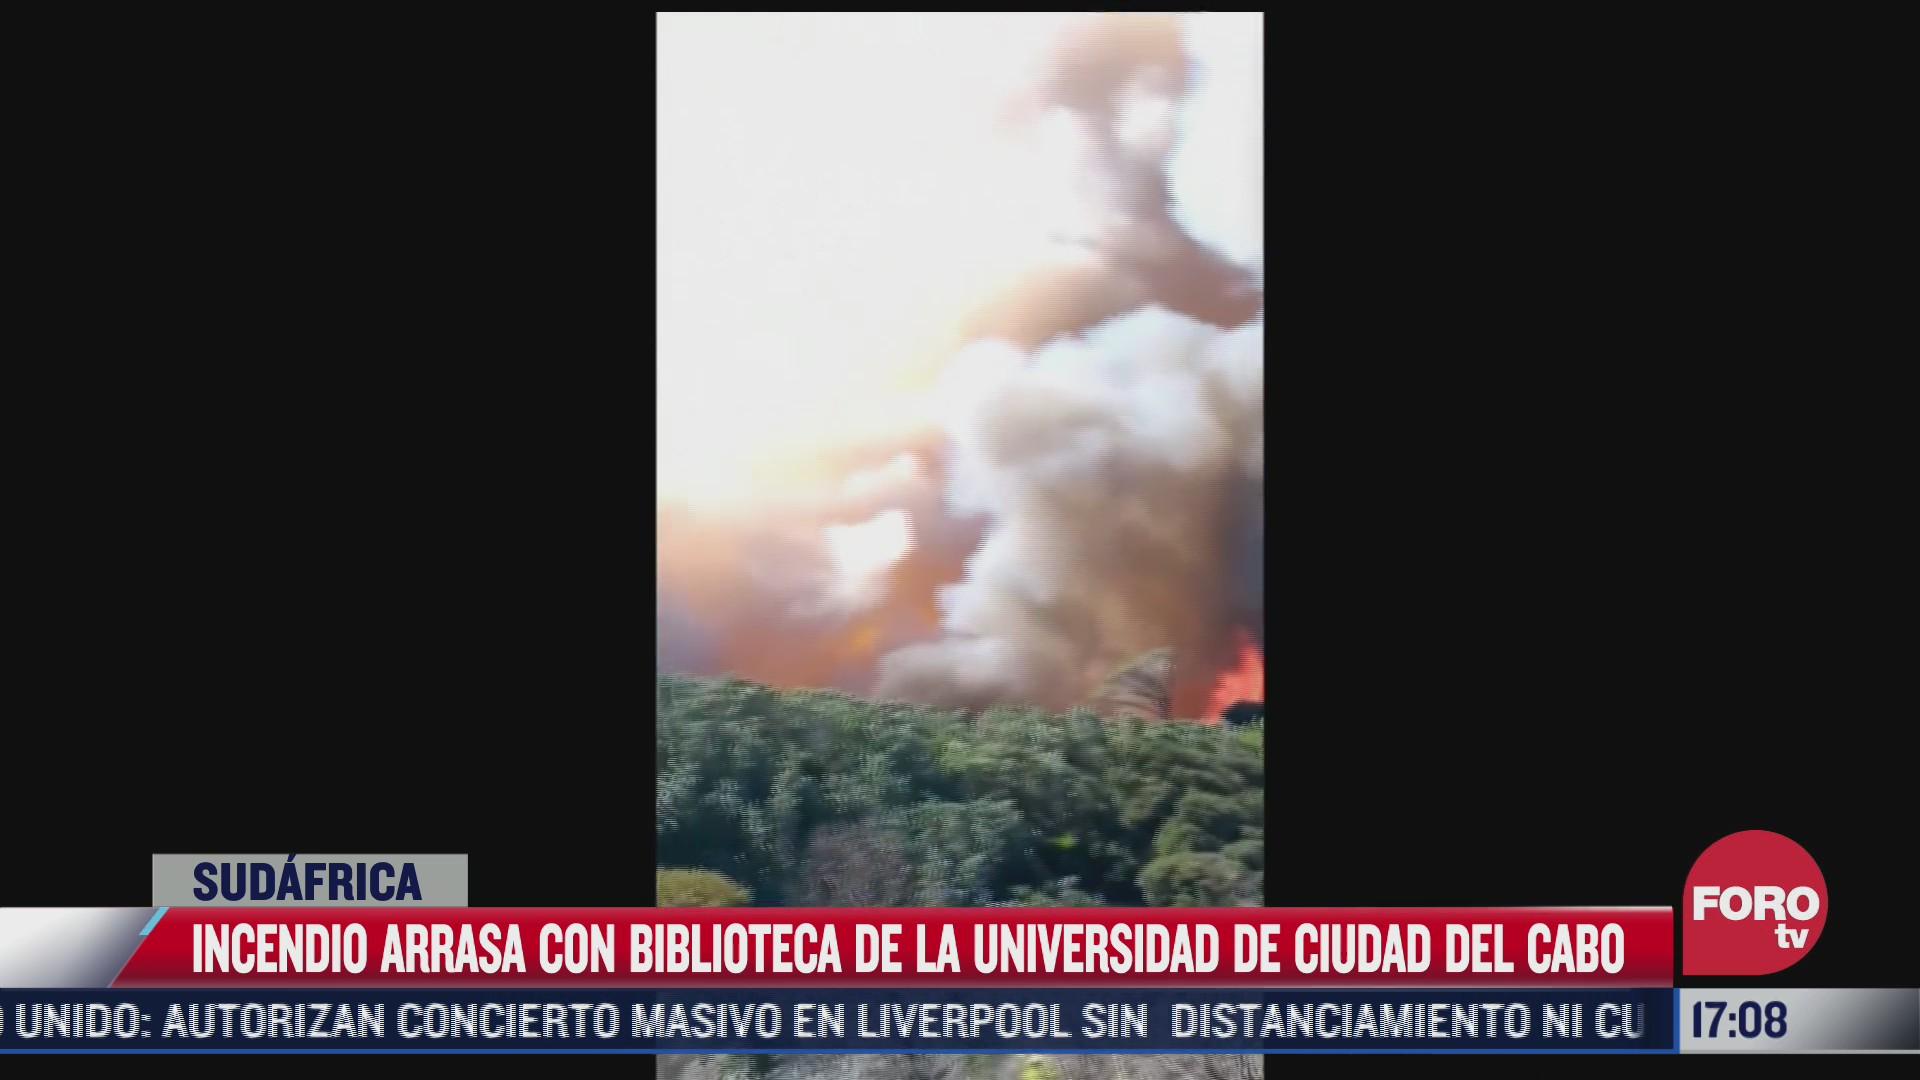 incendio arrasa con biblioteca de la universidad de ciudad del cabo